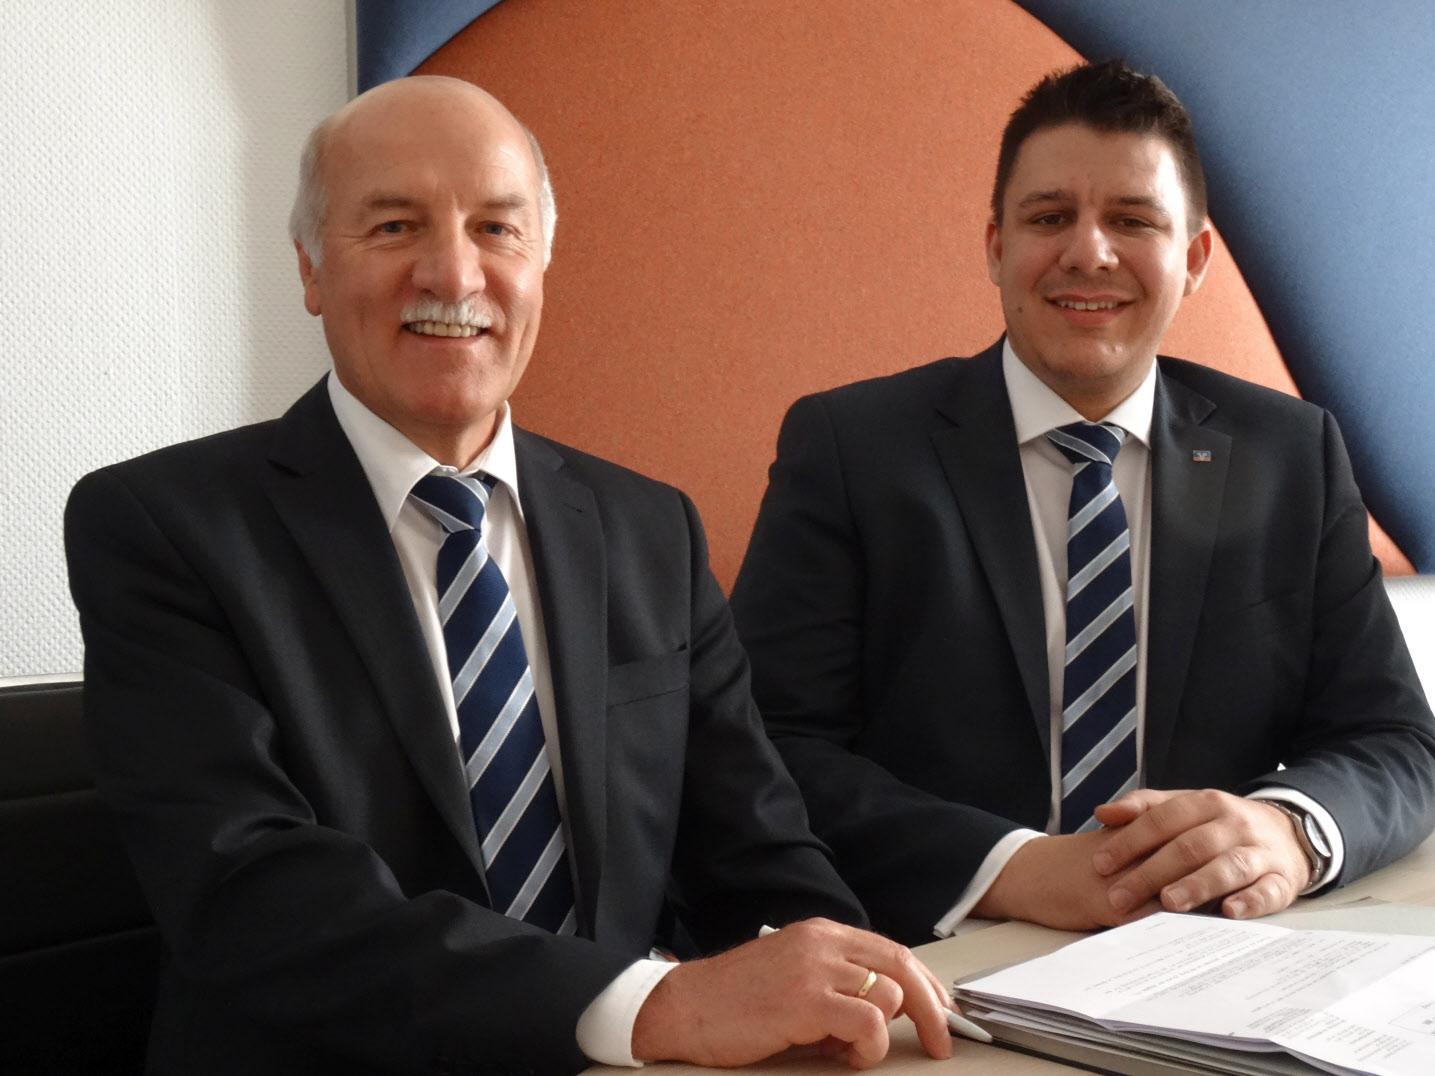 Leiten die Geschäfte der Bank: Vorstandsvorsitzender Johann Nun (l) und sein Vorstandskollege Sebastian Blaschke.